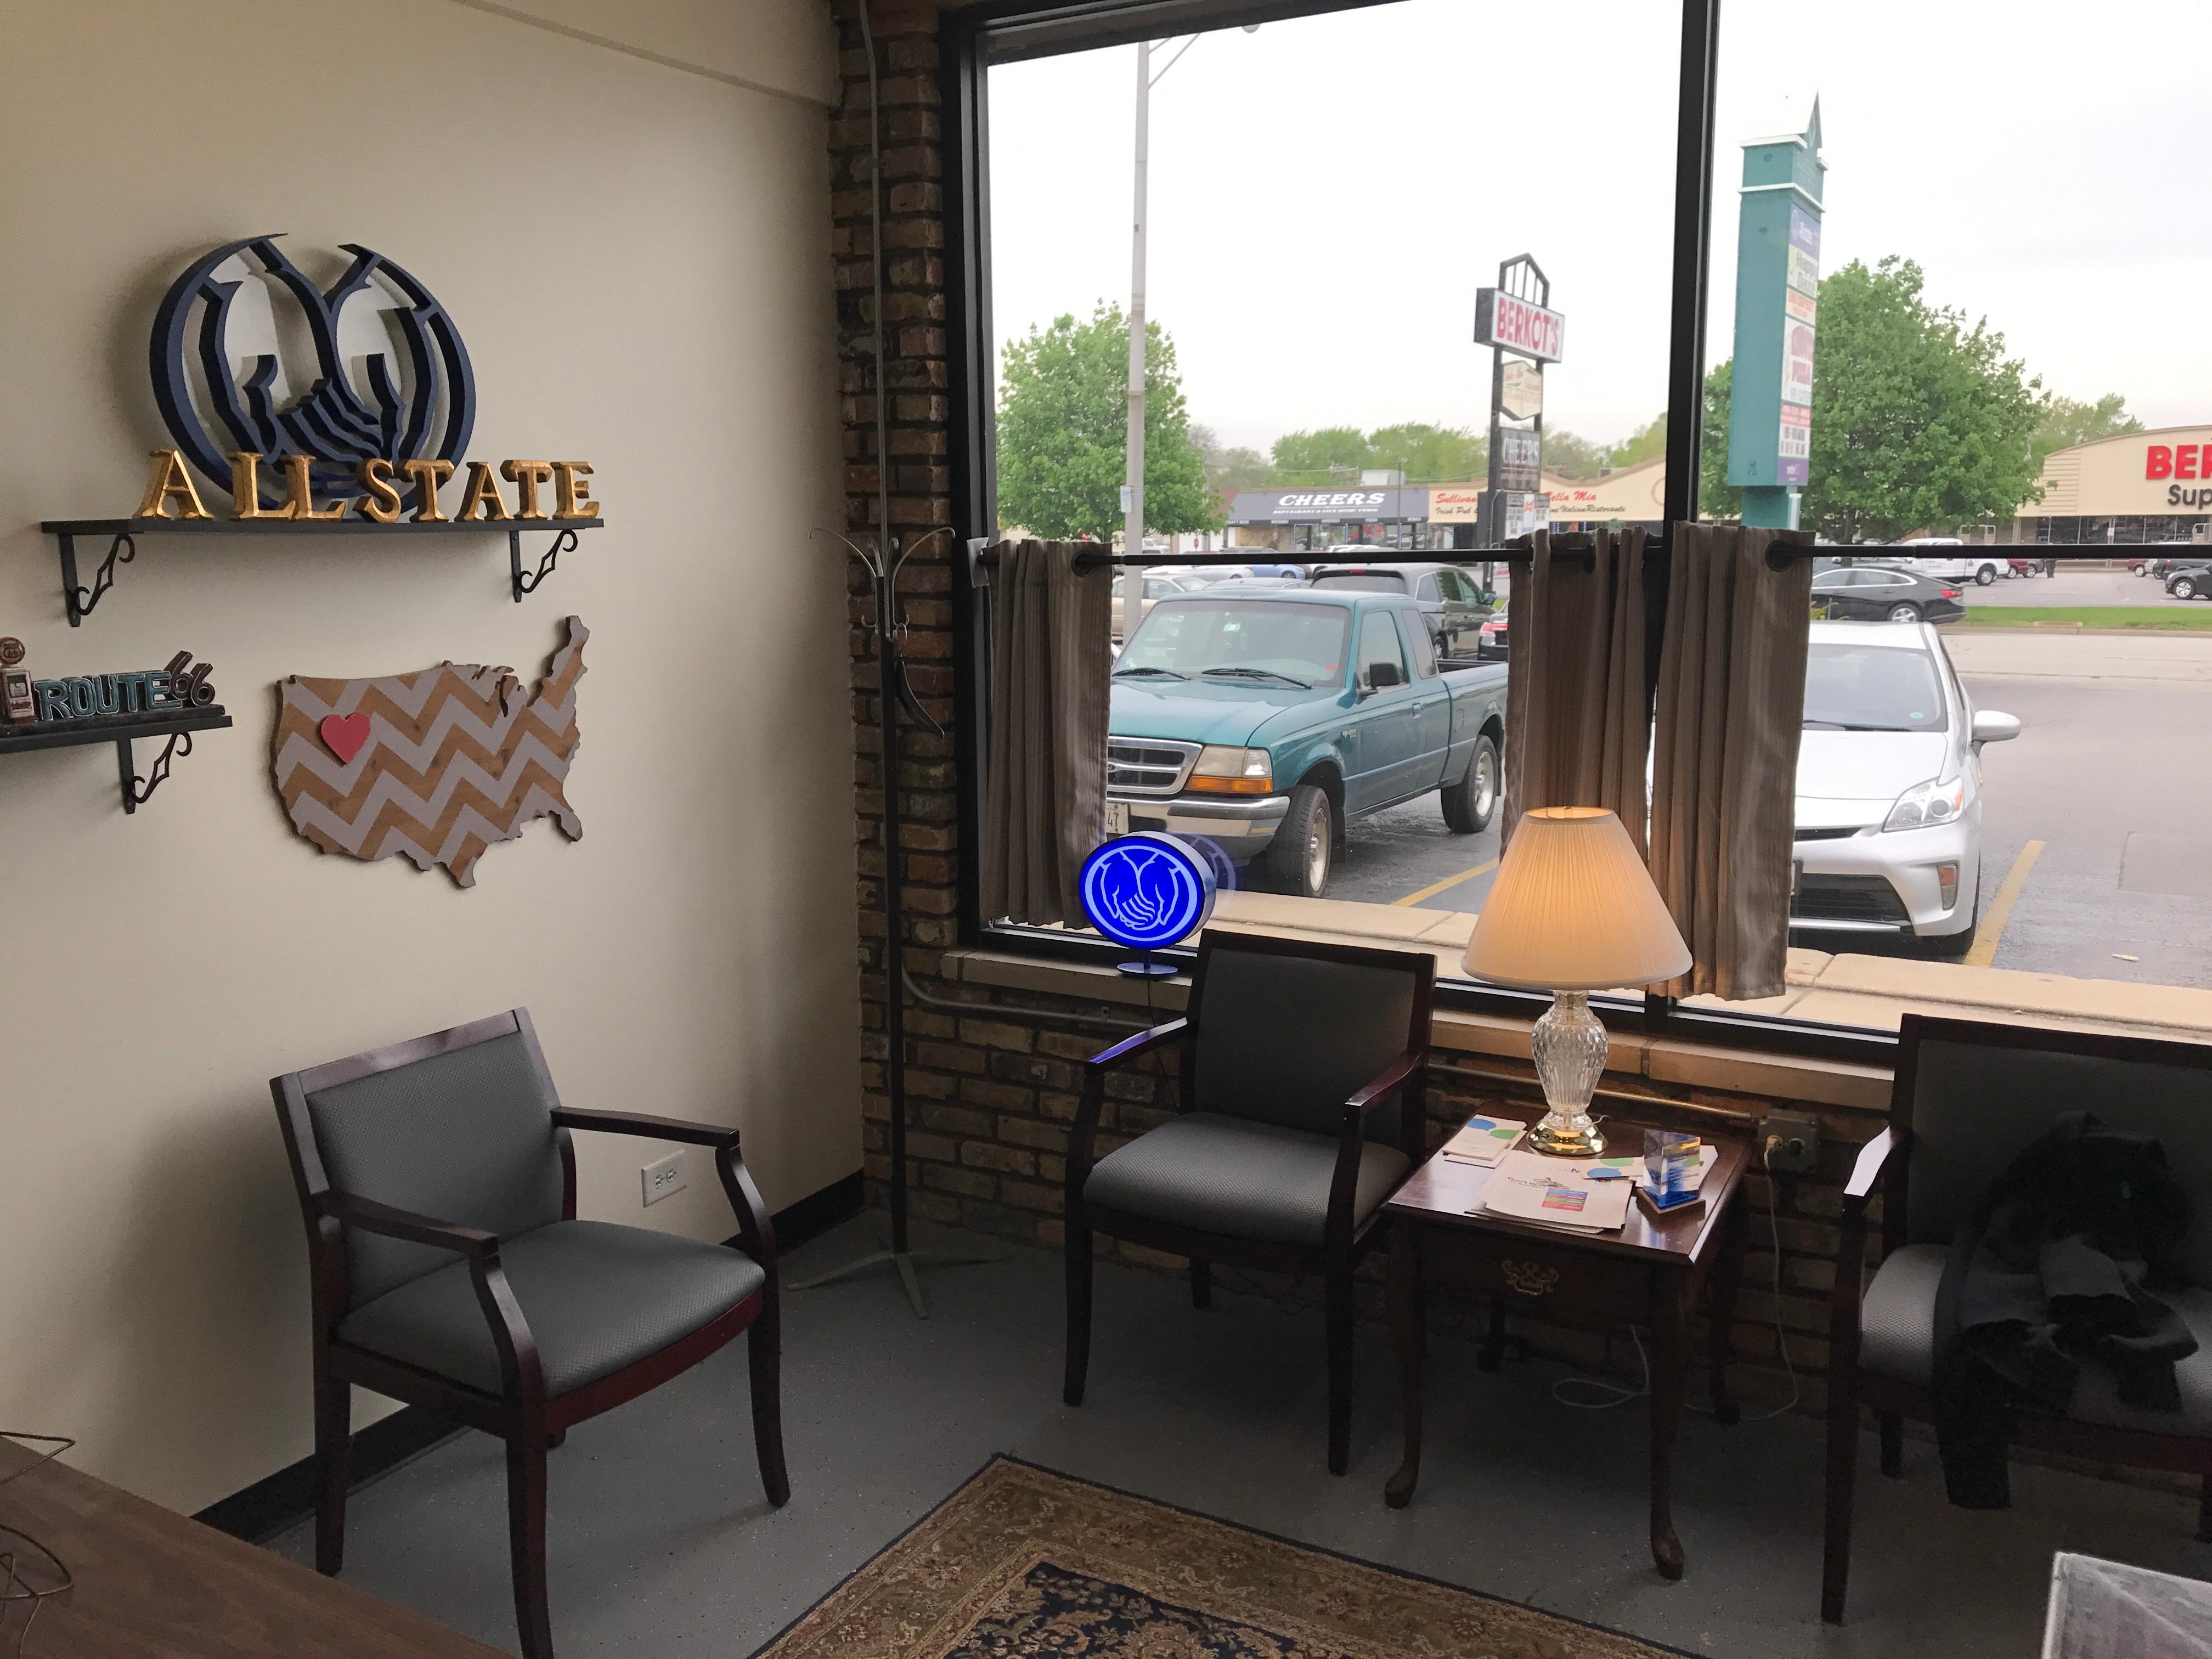 Allstate Insurance Agent: John Luzzo image 2